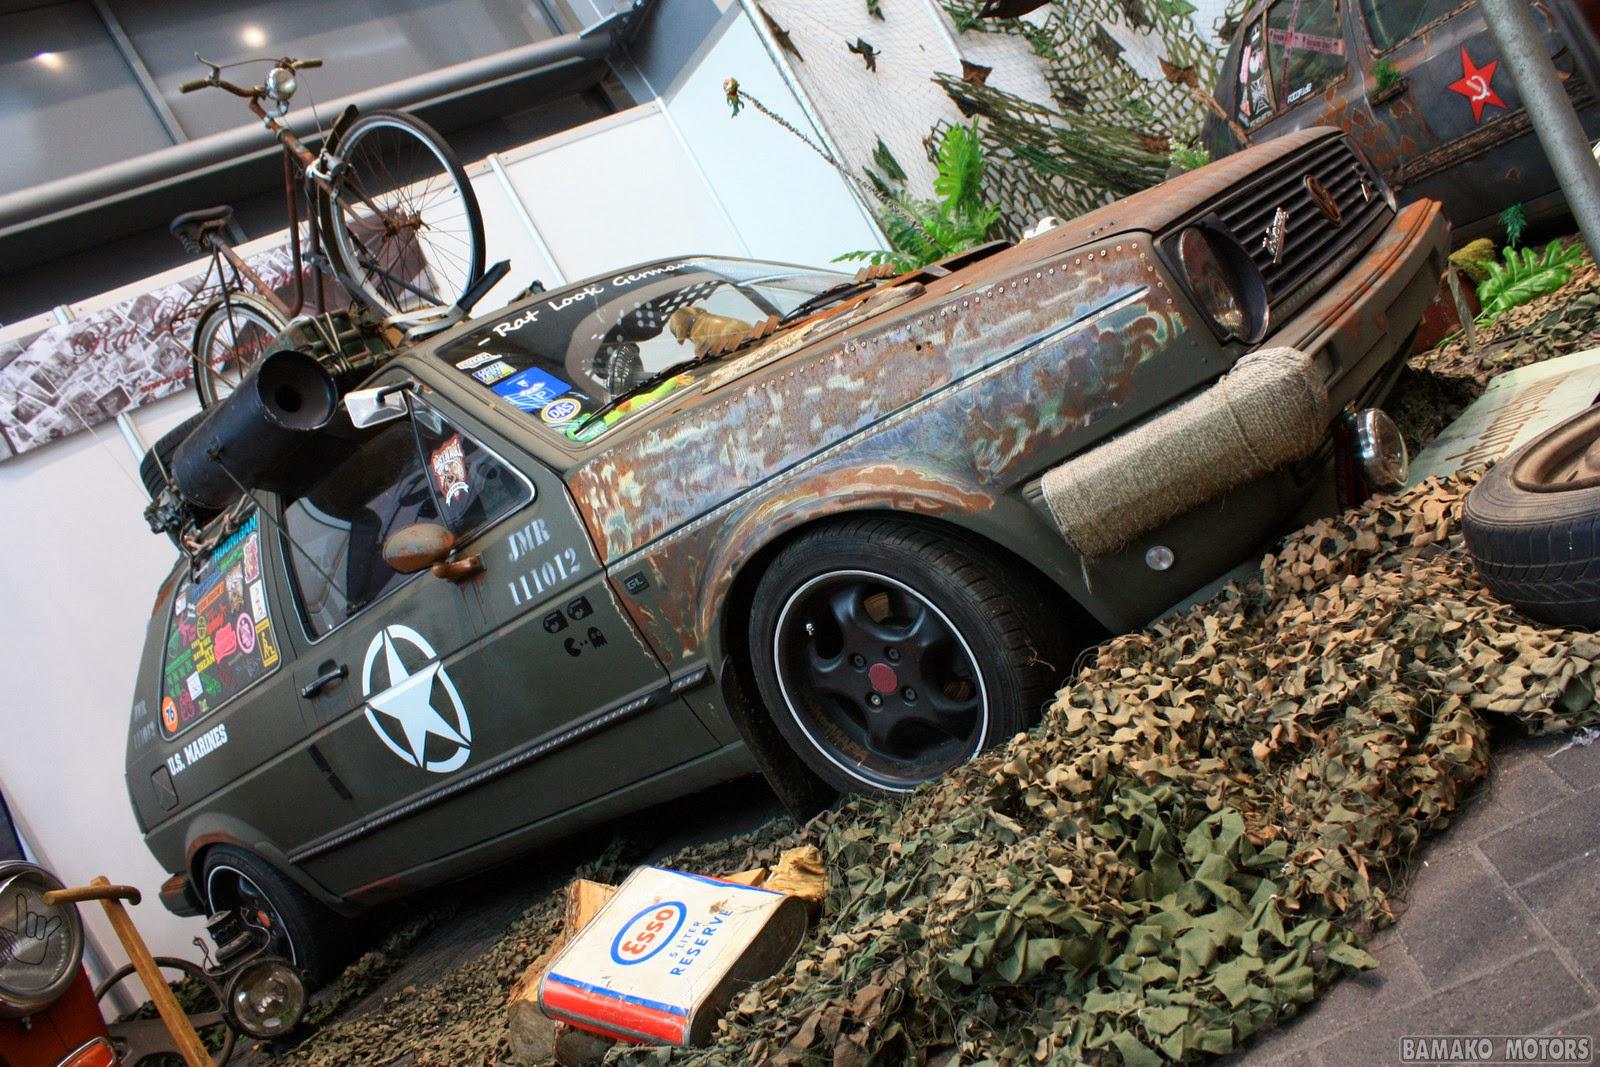 Essen Motorshow 2013